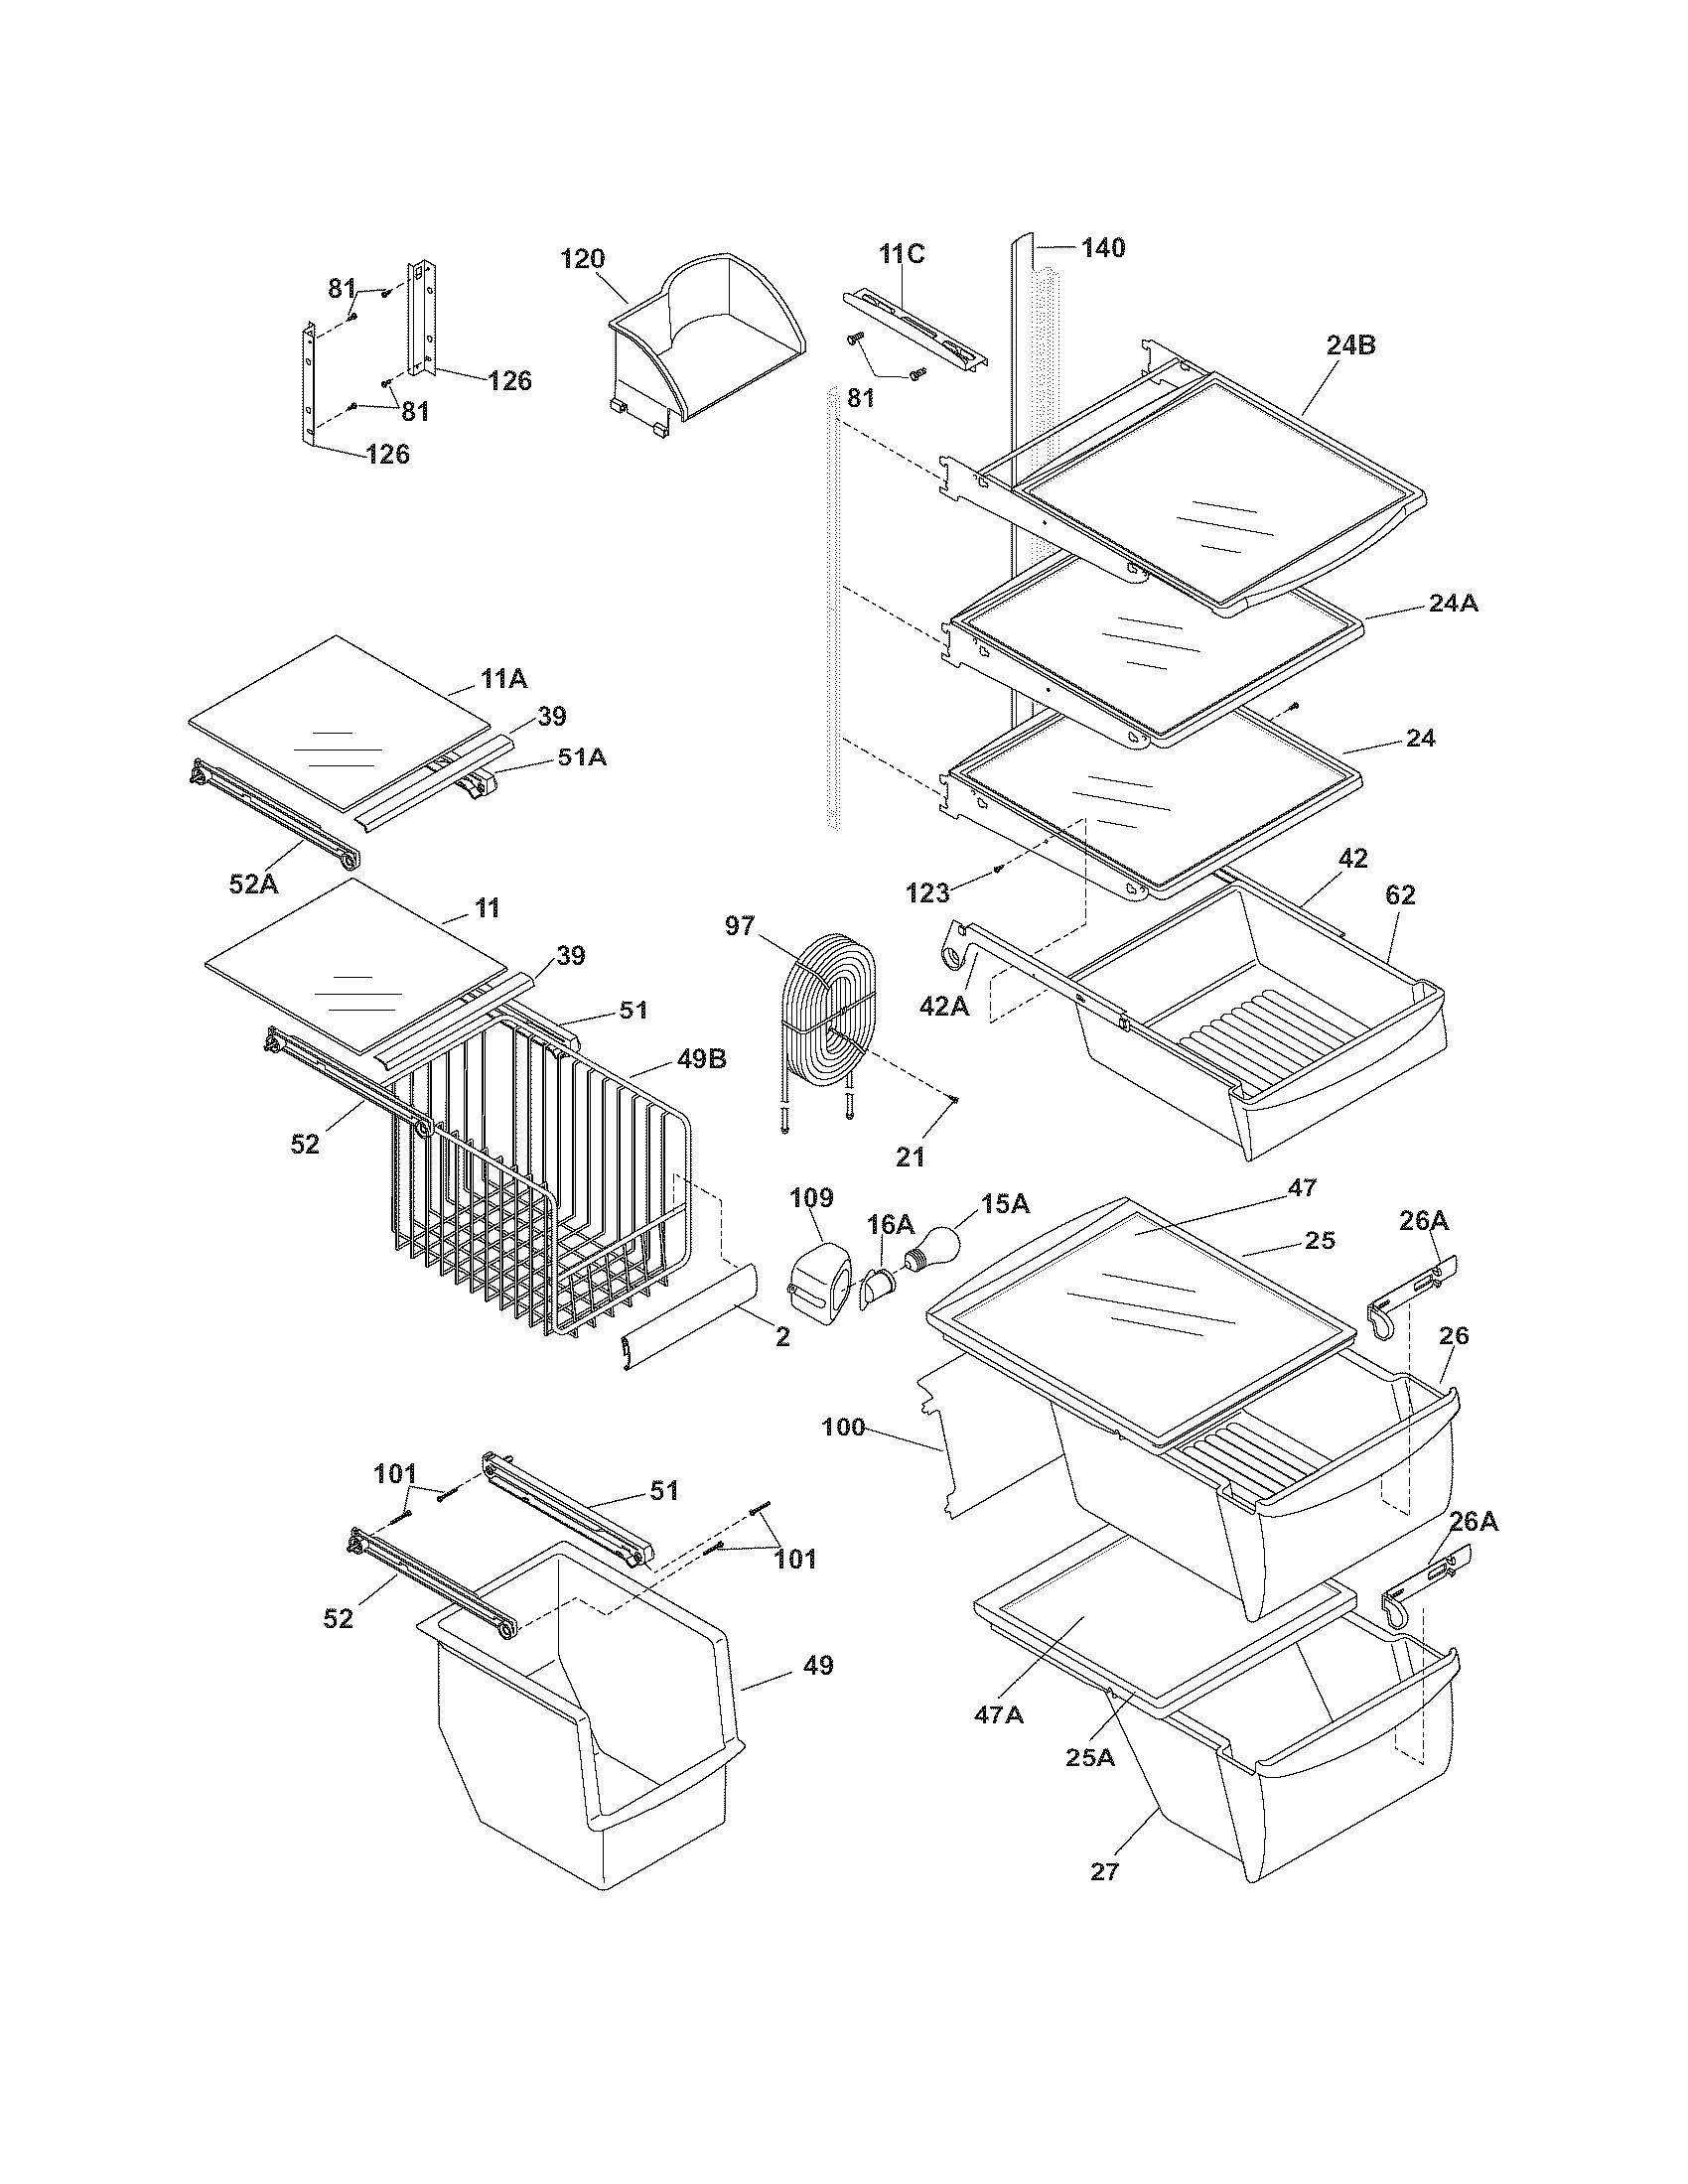 Frigidaire Gallery Refrigerator Parts Diagram